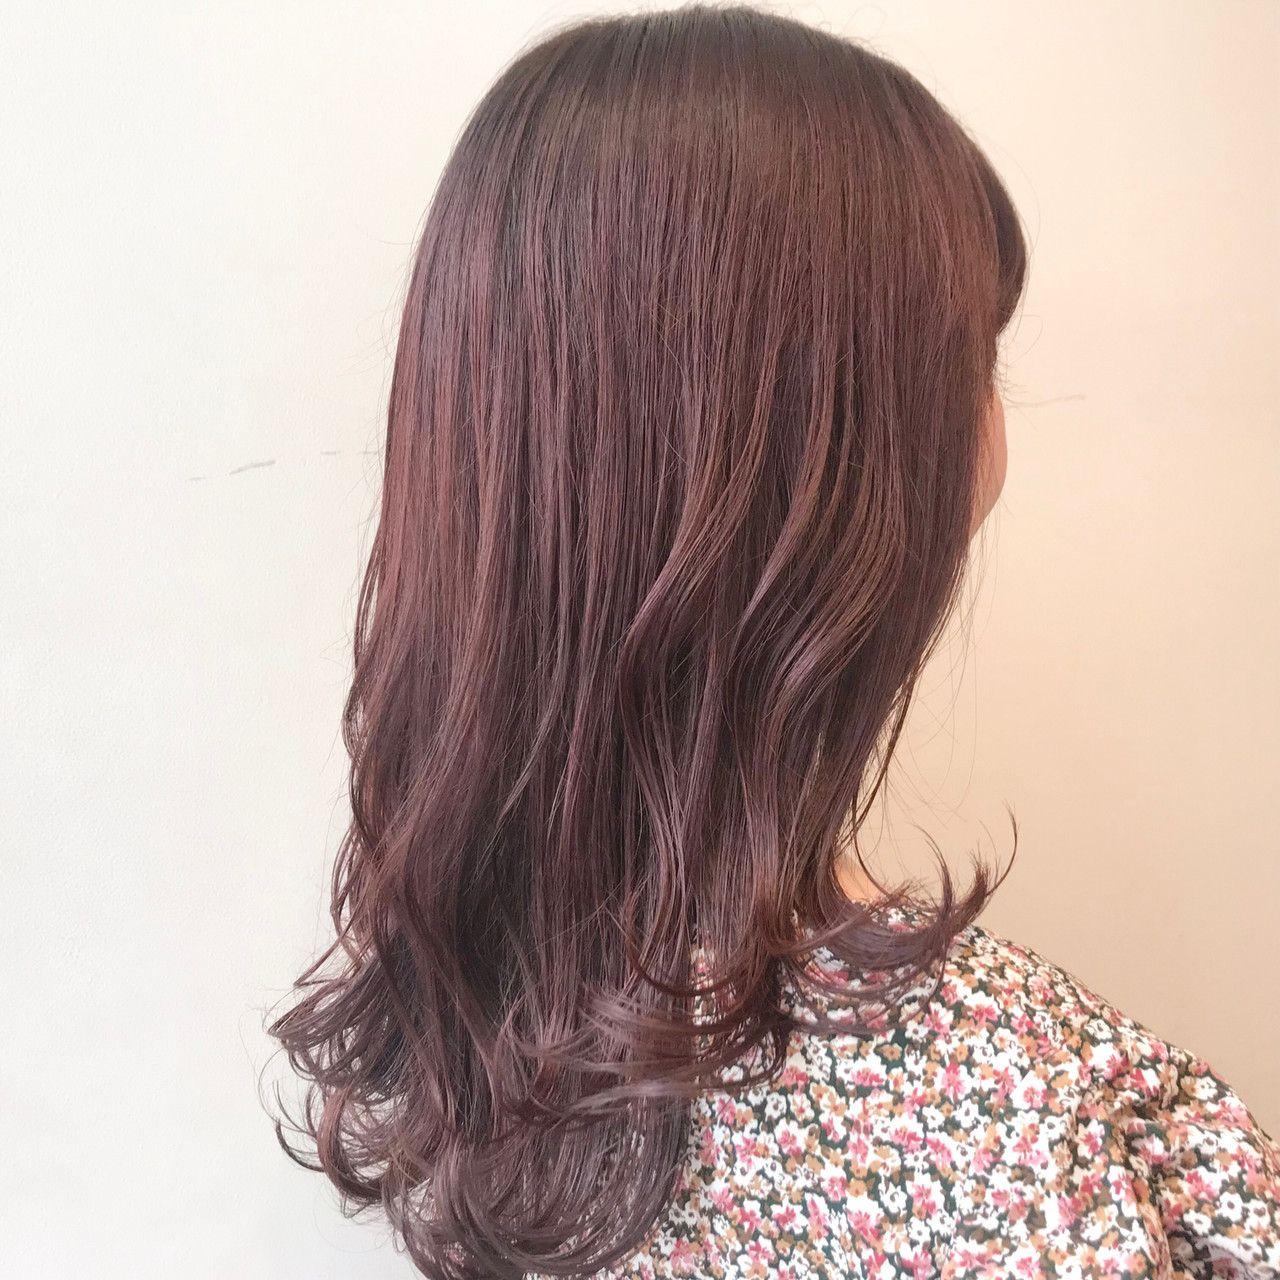 旬カラーで髪も衣替え 市販のヘアカラーでイメチェン計画してみましょ